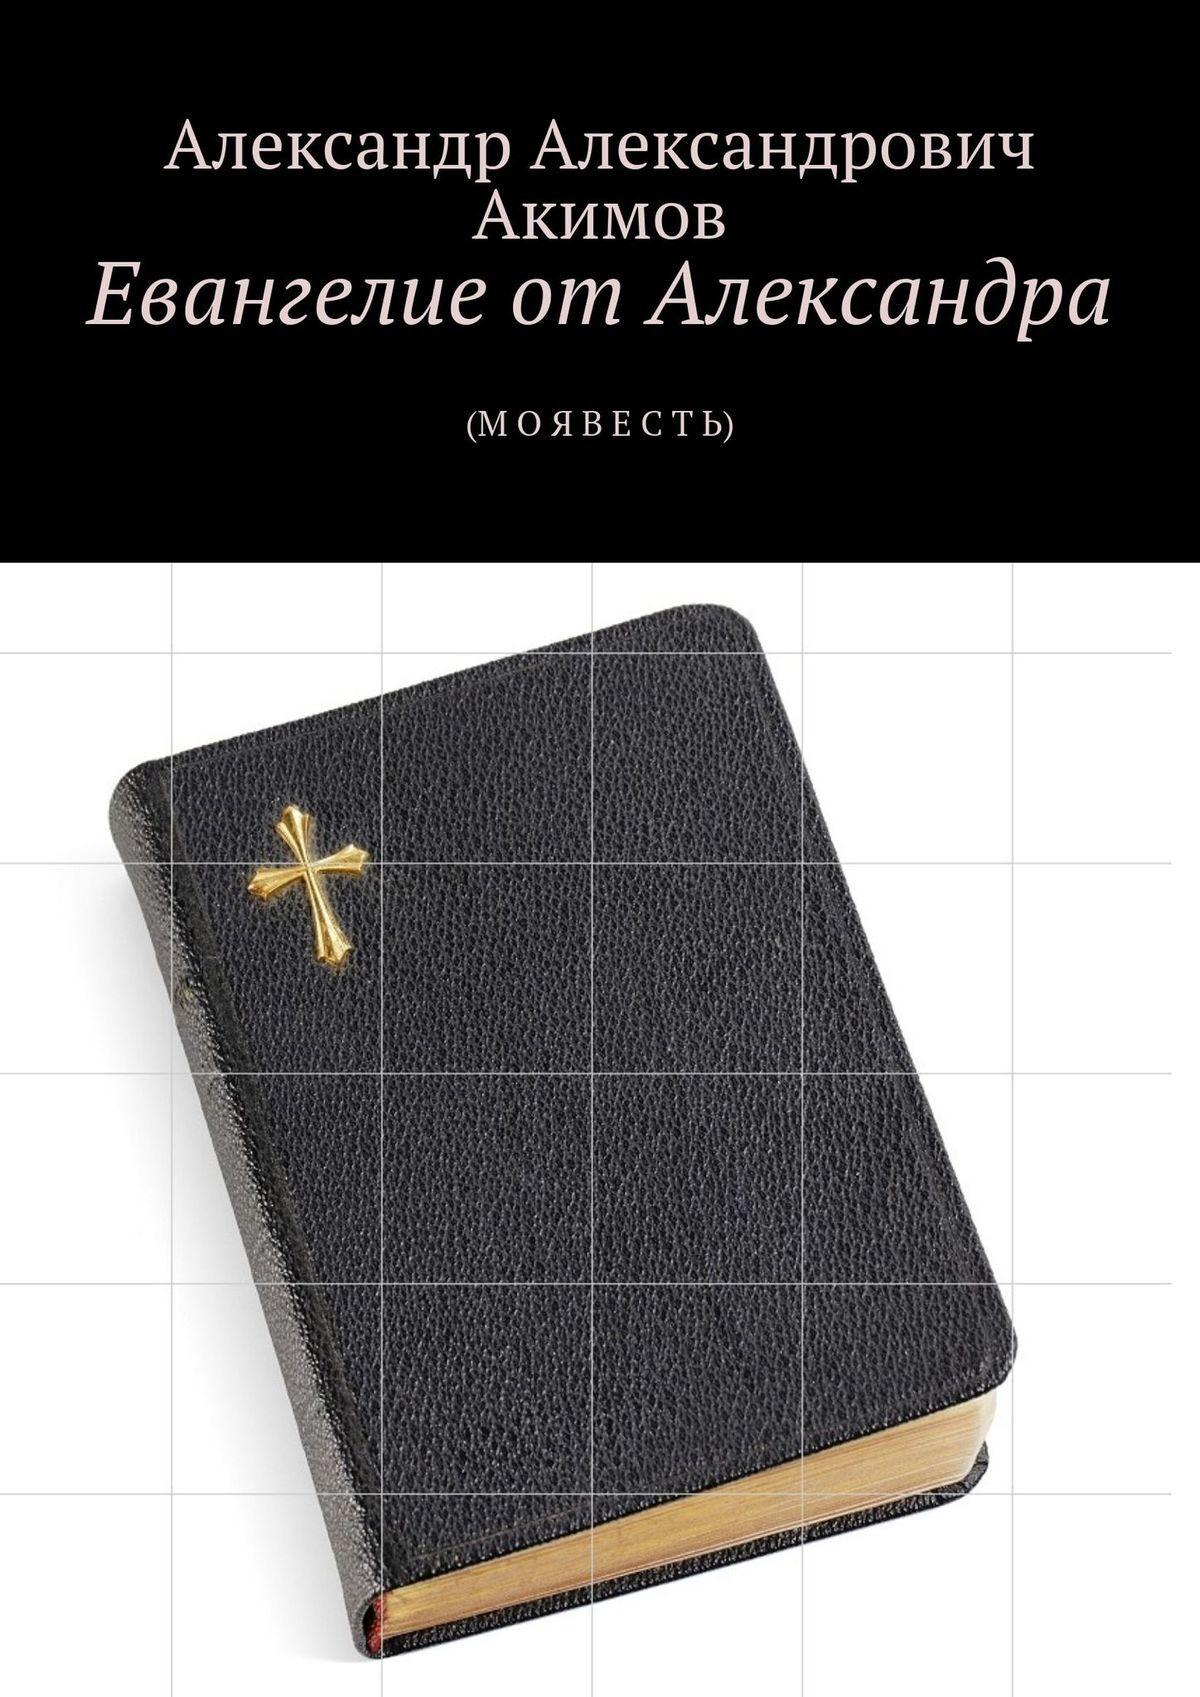 Александр Александрович Акимов Евангелие отАлександра. (М ОЯ ВЕ СТЬ)